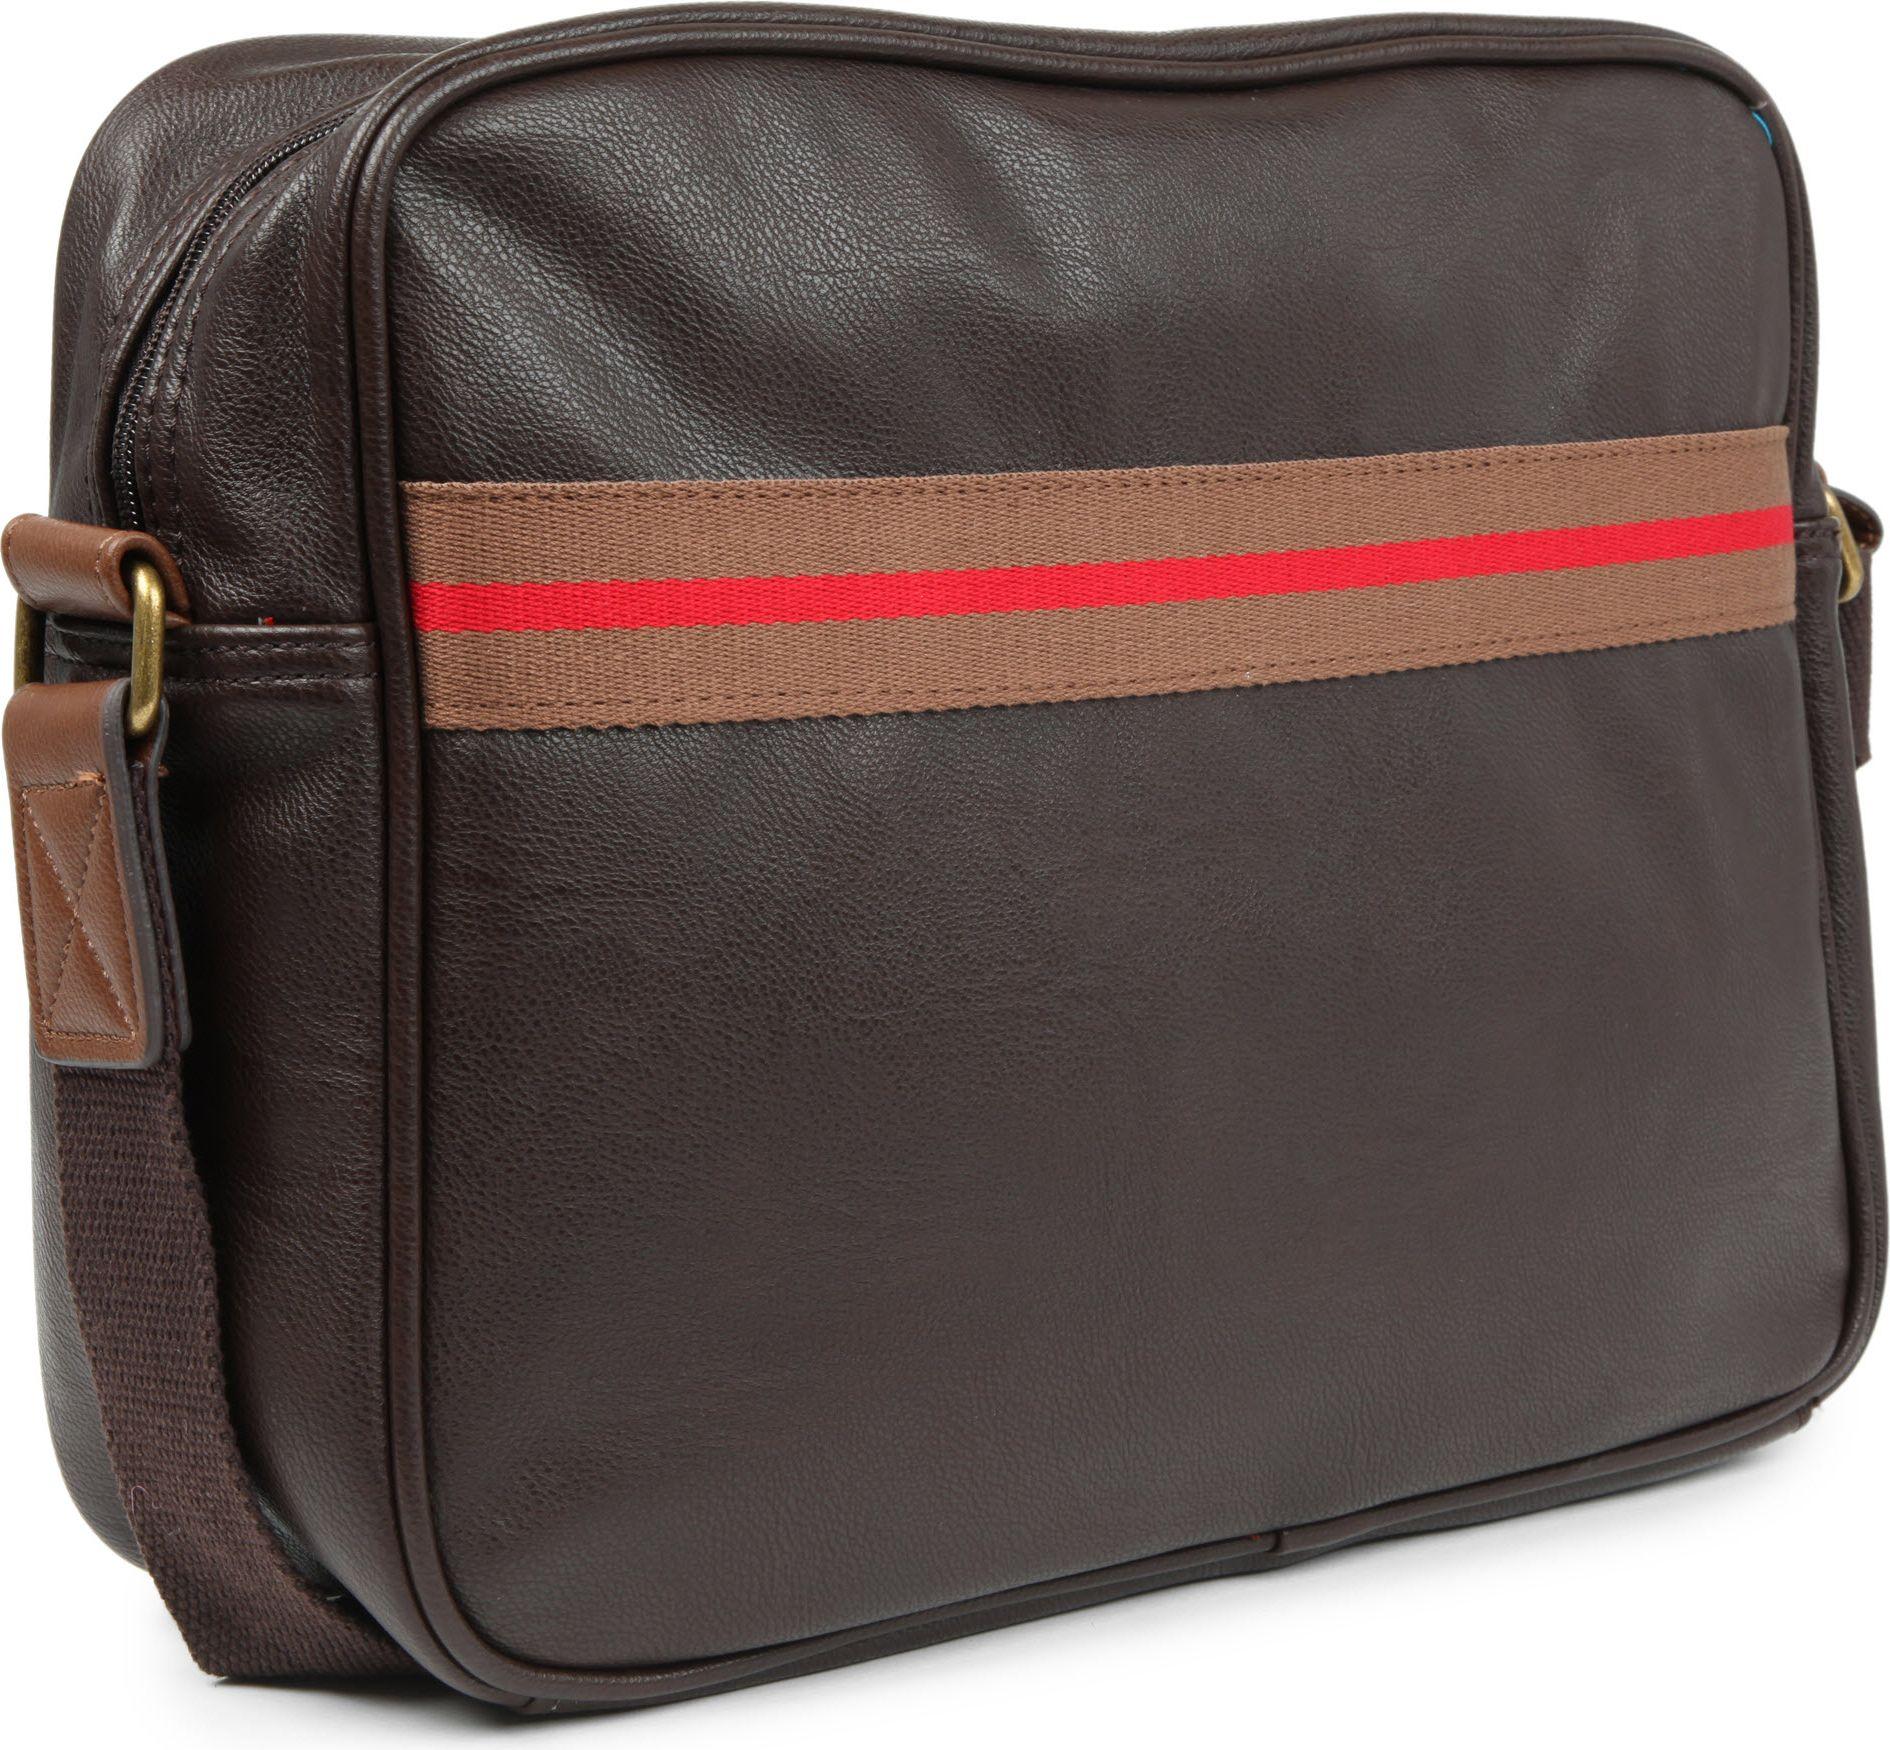 Ted Baker Toswim Messenger Bag in Black for Men - Lyst 8e24d2fde2798